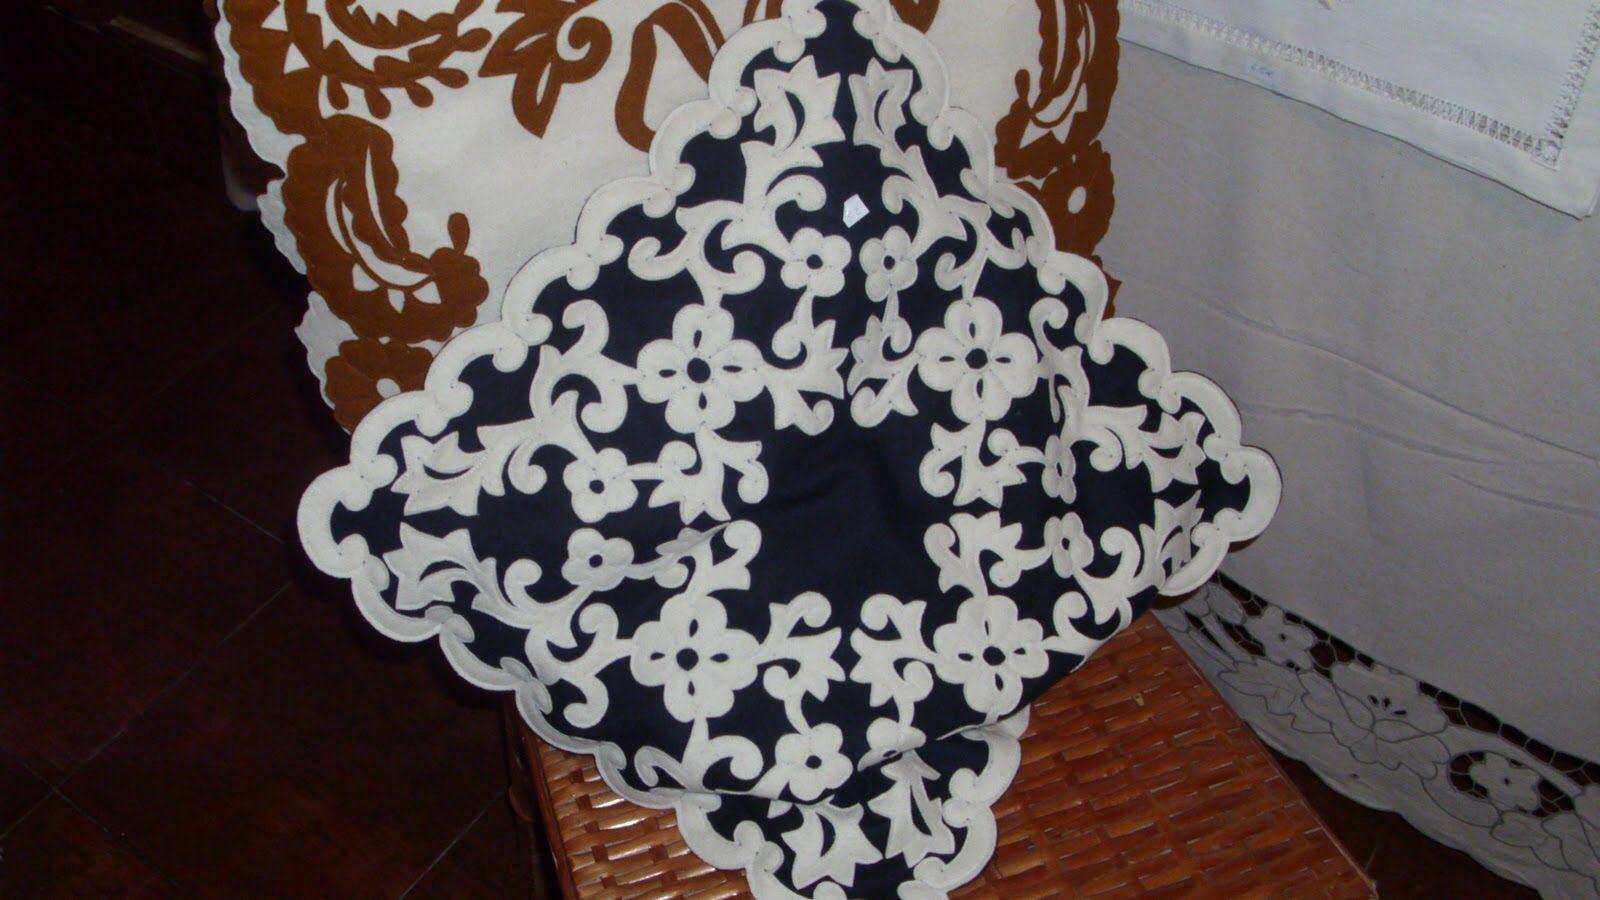 Imagem de http://4.bp.blogspot.com/_CLBGISf4fN0/TQY4dOyybyI/AAAAAAAAAA8/kQcp0wbceQQ/s1600/DSCI0117.JPG.